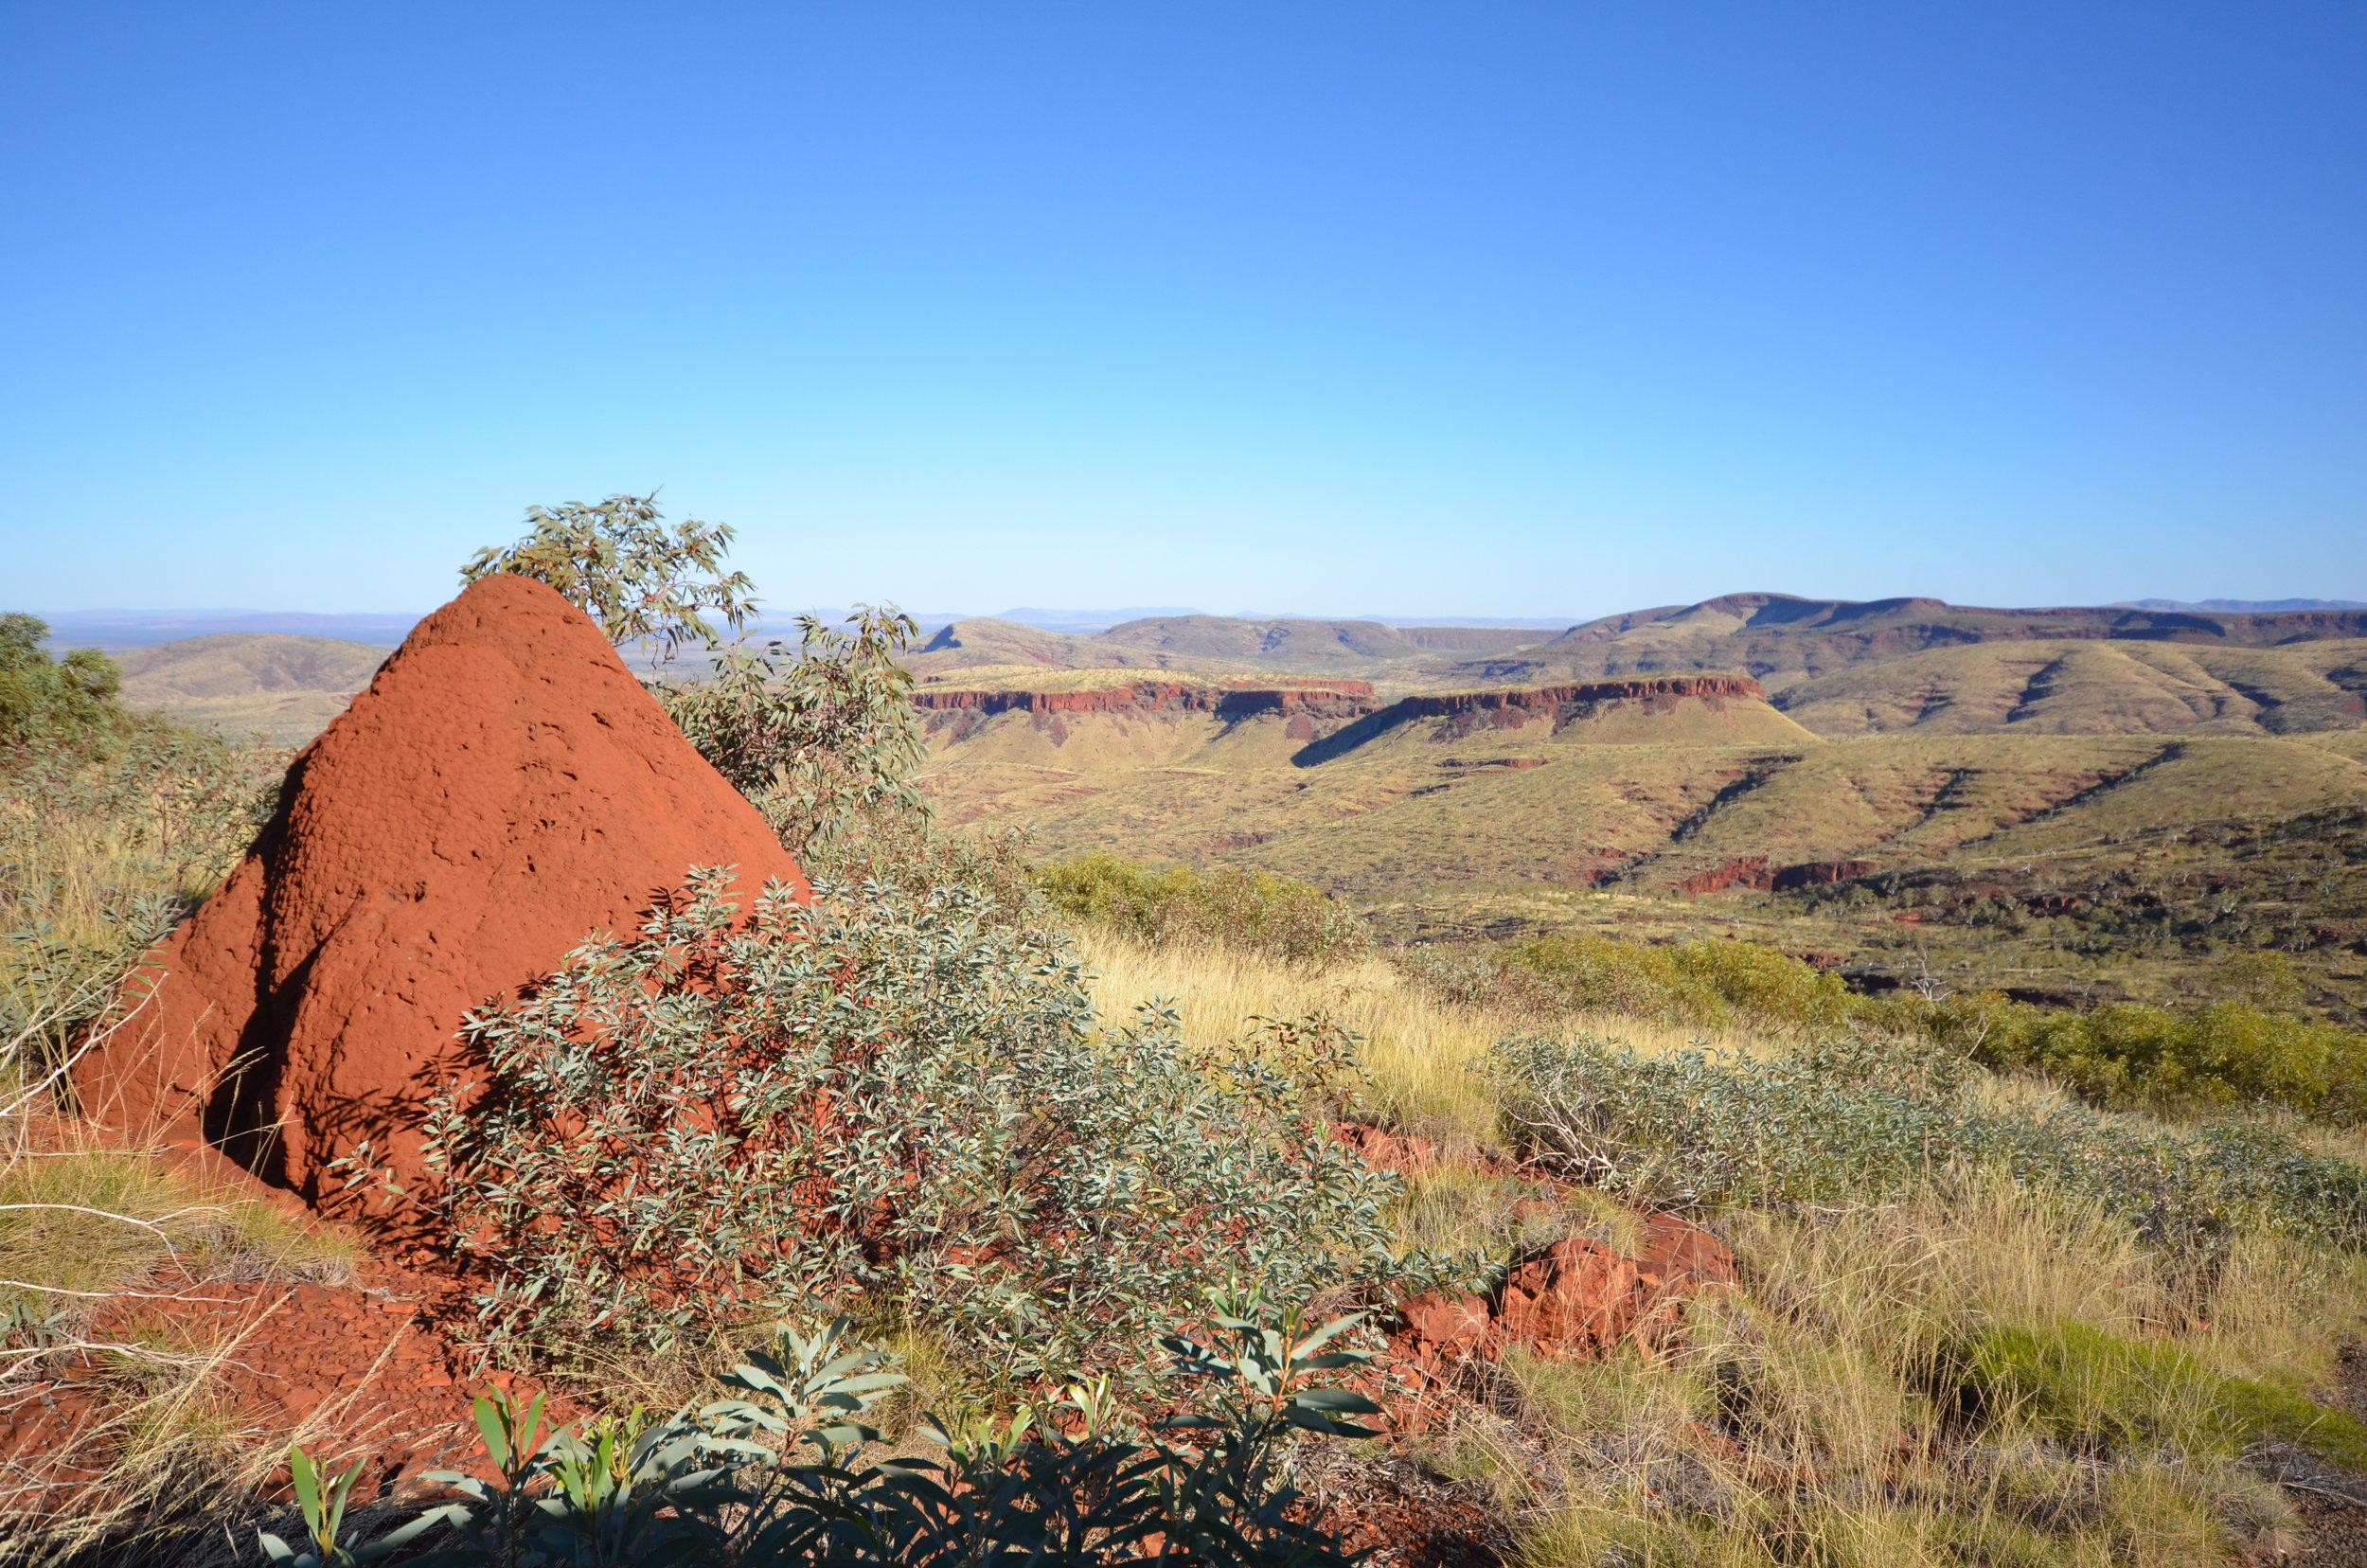 Termite mounds bigger than a Landcruiser